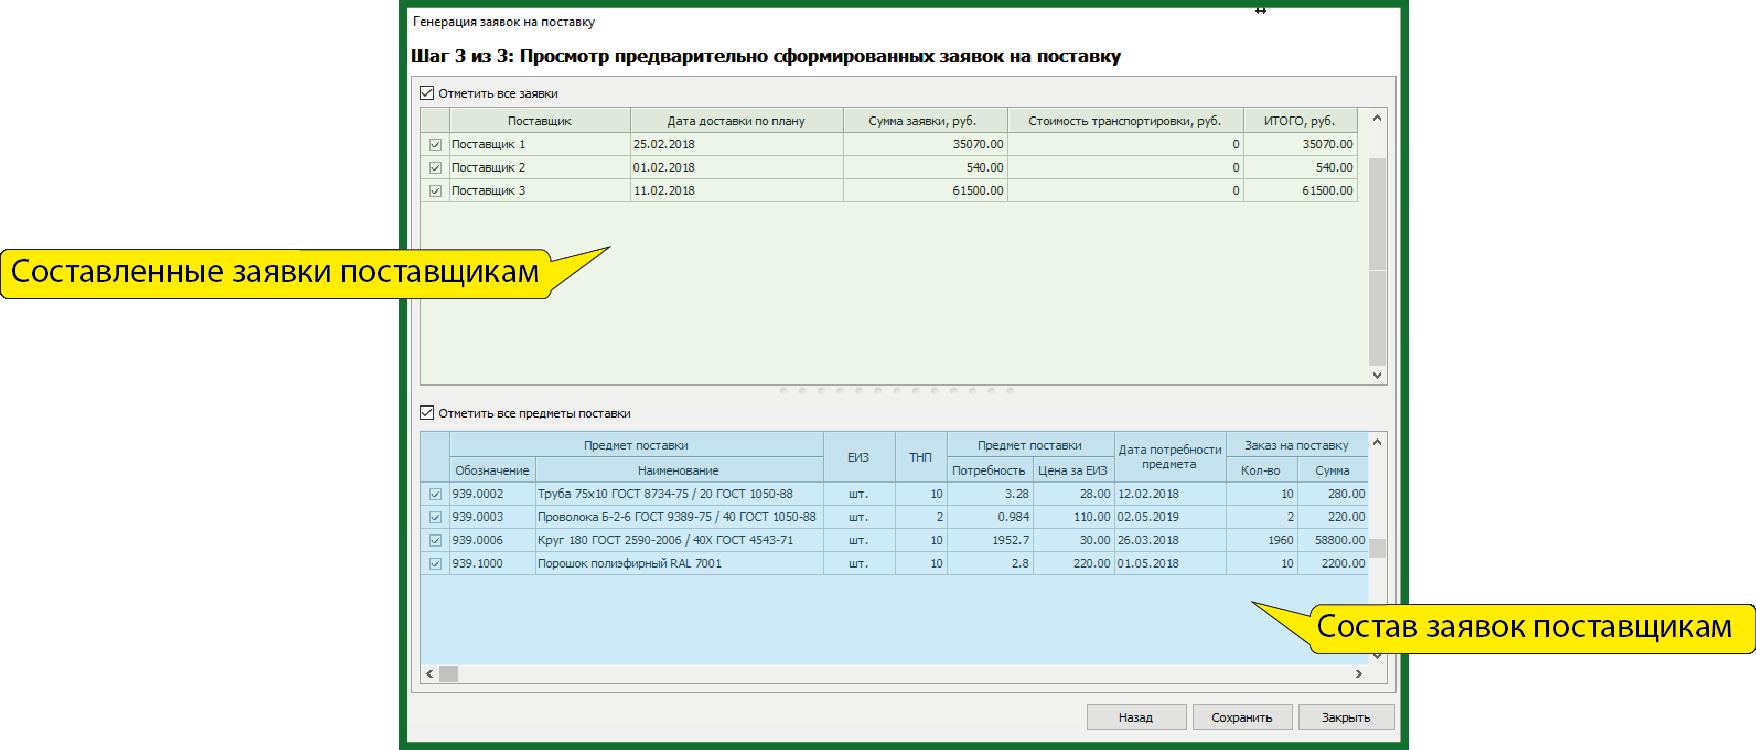 СПРУТ-ОКП планирование производства Снабжение заявки поставщикам